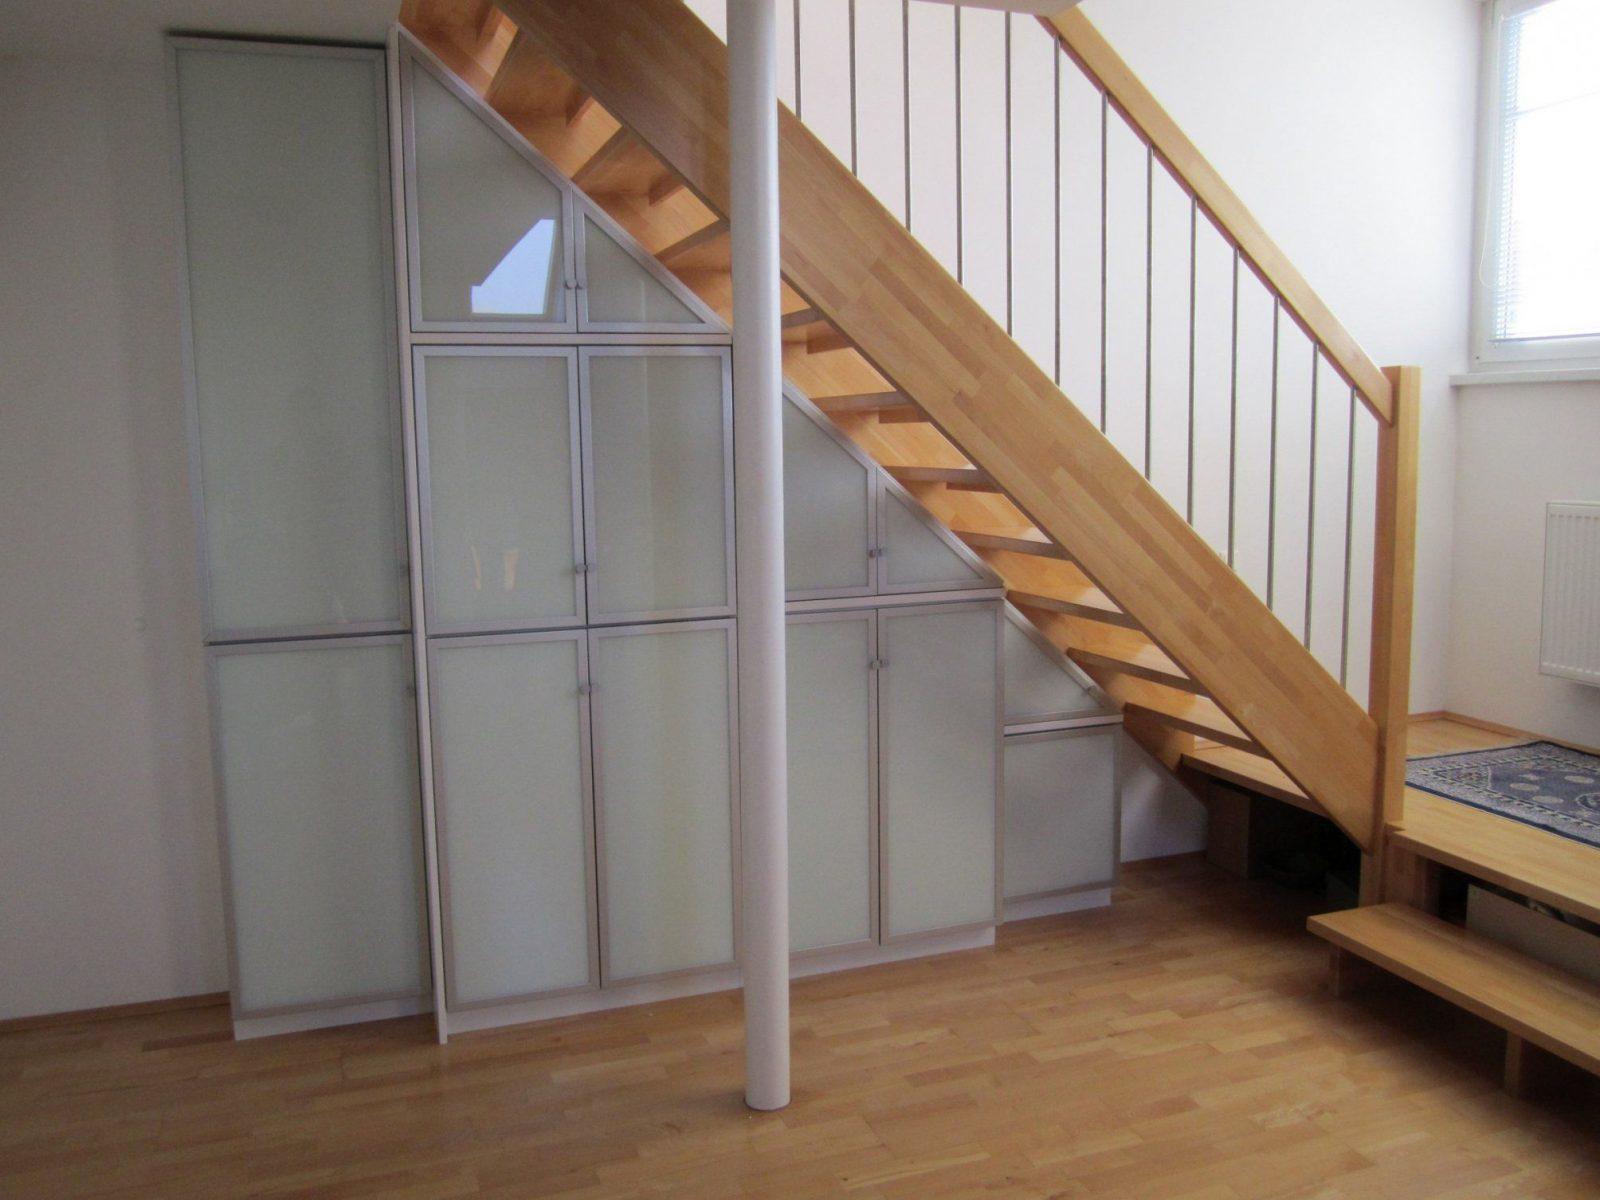 Spannende Schrank Unter Offener Treppe Selber Bauen Schrank Unter von Schrank Unter Treppe Bauanleitung Bild